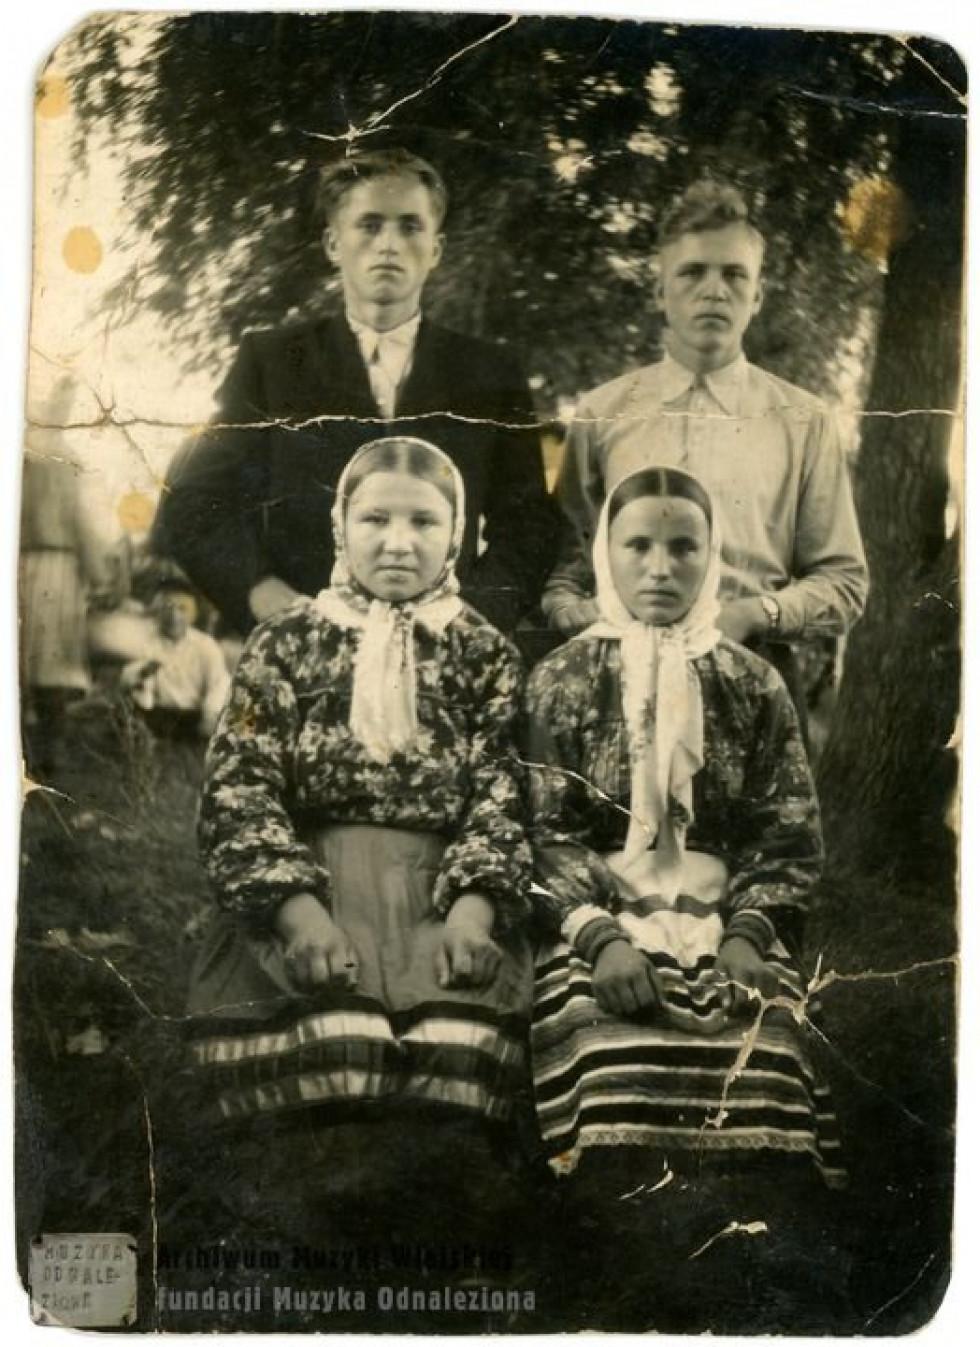 Фото на пам'ять, 1950-1960-ті роки